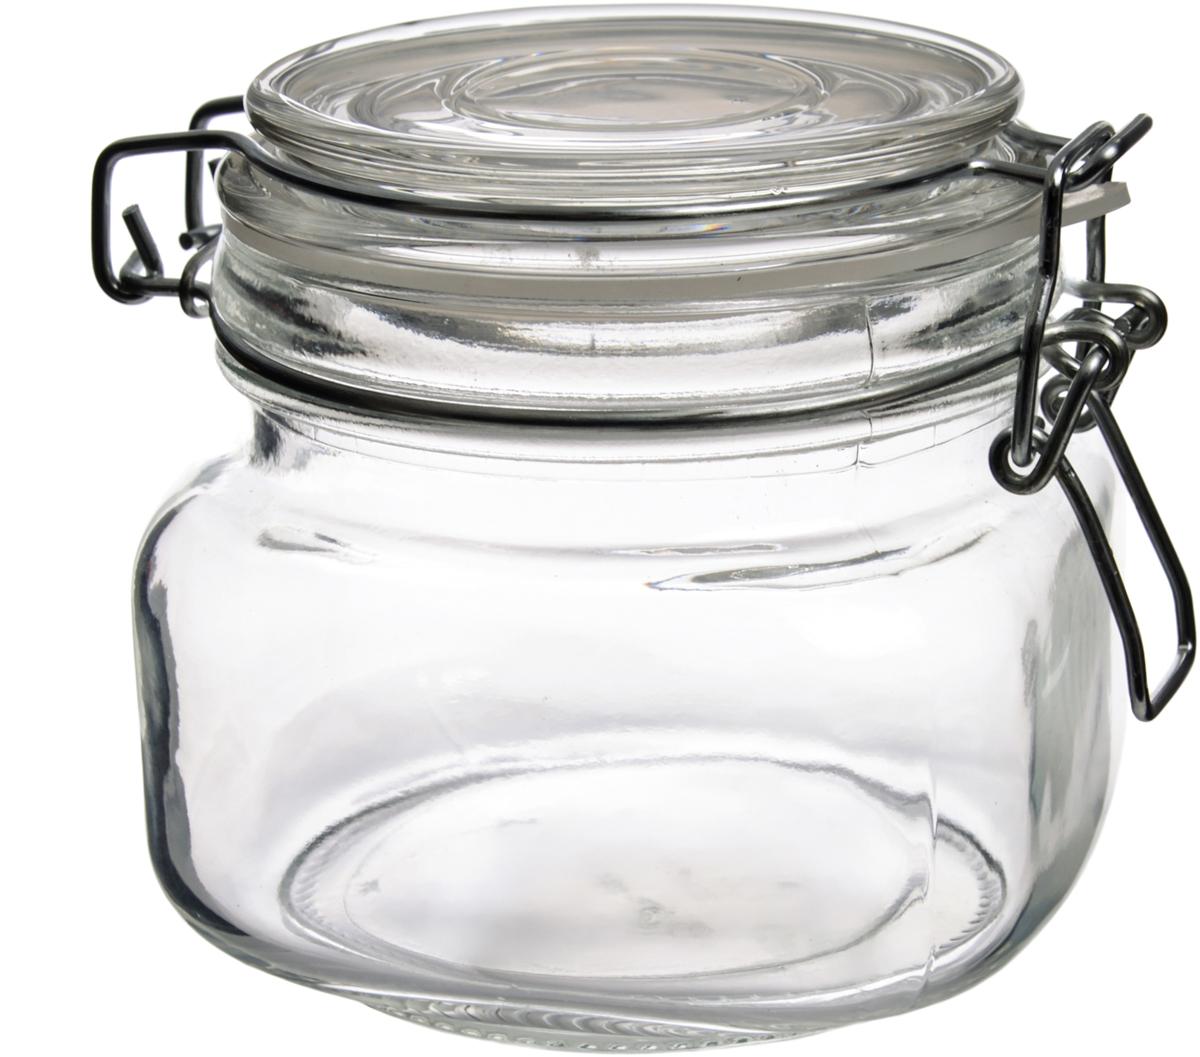 Стекло является инертным материалом, поэтому стеклянная упаковка является самой экологически чистой как для жидких, так и для сыпучих продуктов. В бытовом смысле требования к стеклянной посуде достаточно просты: если это емкость для сыпучих или банка для консервирования, она должна быть удобной по форме, гладкой, прозрачной, прочной и хорошо закрываться. Банки имеют металлические закручивающиеся крышки либо стеклянные крышки с бугельным замком, обеспечивающим максимальное соединение крышки с банкой. Уплотнительная пластиковая вставка защитит стекло от сколов и усилит вакуумный эффект.  Изделия из стекла без металлических деталей можно использовать в СВЧ и мыть в ПММ. Декорированную посуду желательно мыть вручную, без применения агрессивных моющих средств и жесткой фибры или абразива, могущих поцарапать стекло.